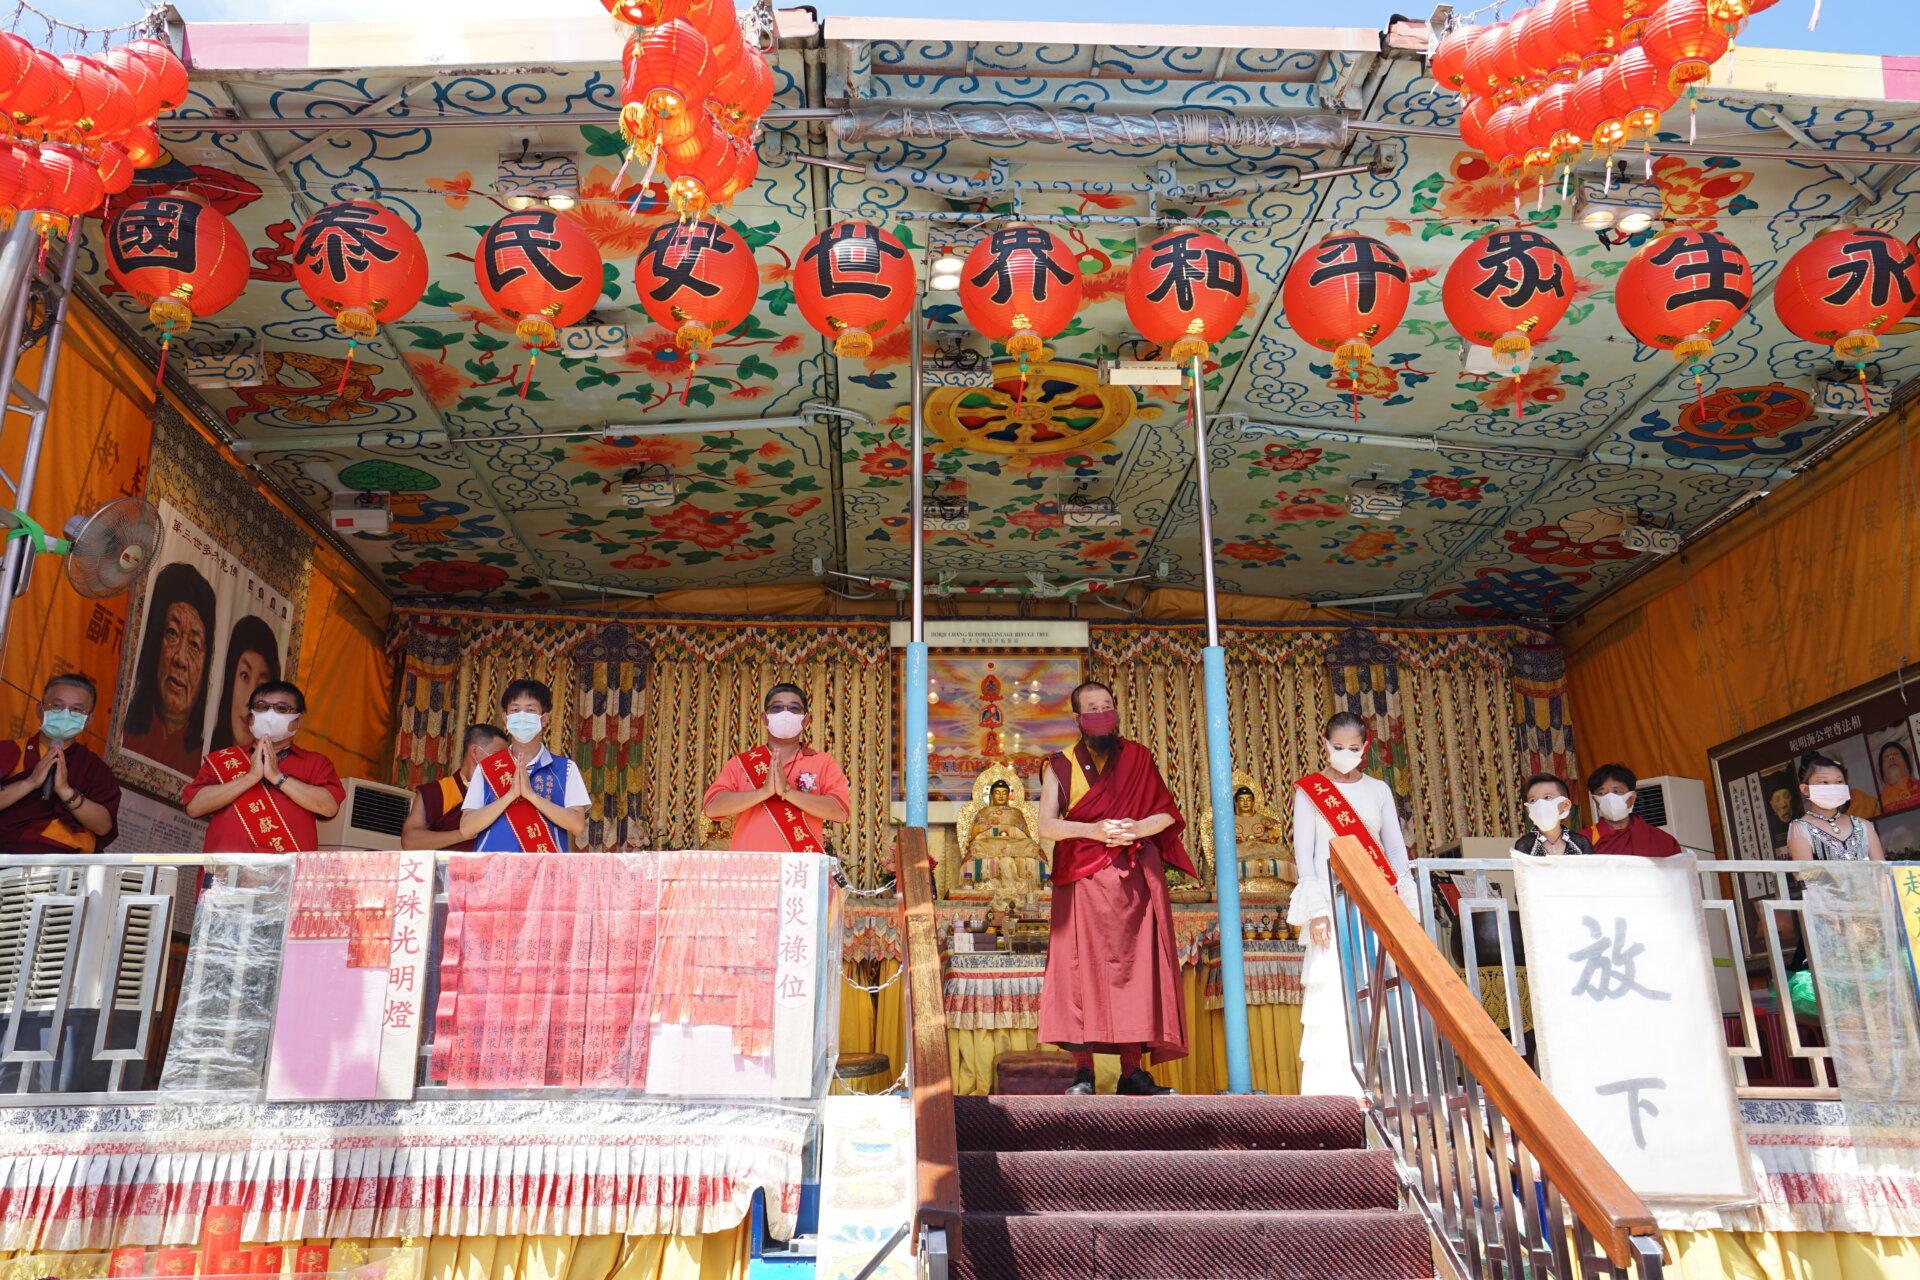 行動佛殿135站高雄大樹,本會指導上師恆性嘉措仁波且感謝貴賓蒞臨祈福